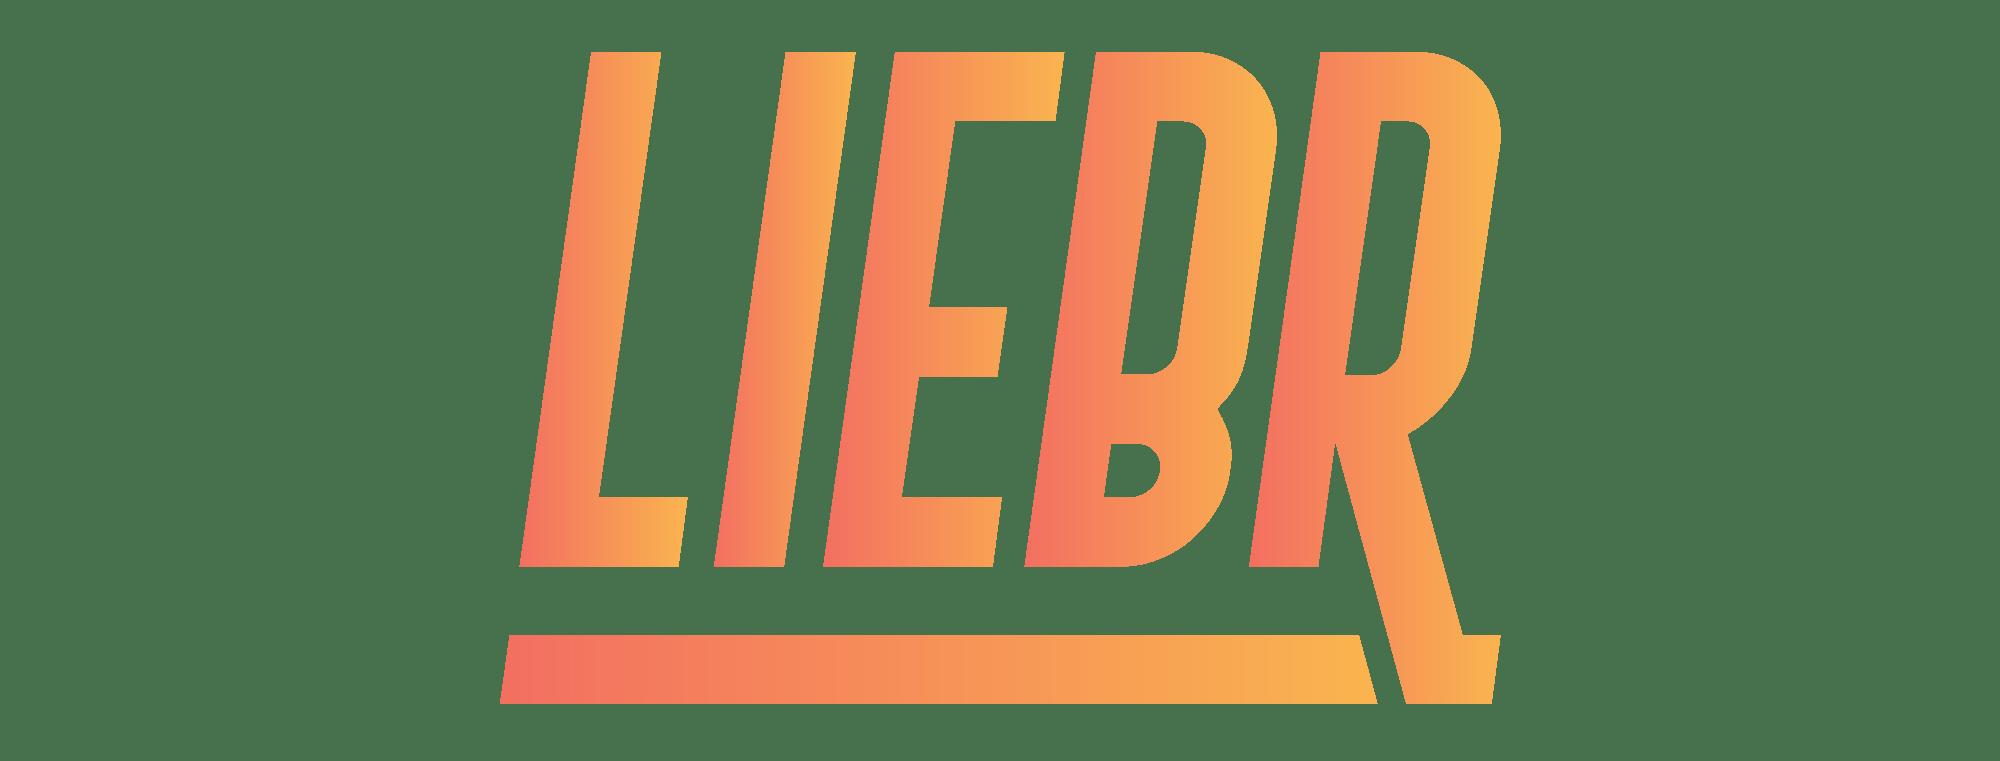 Liebr logo